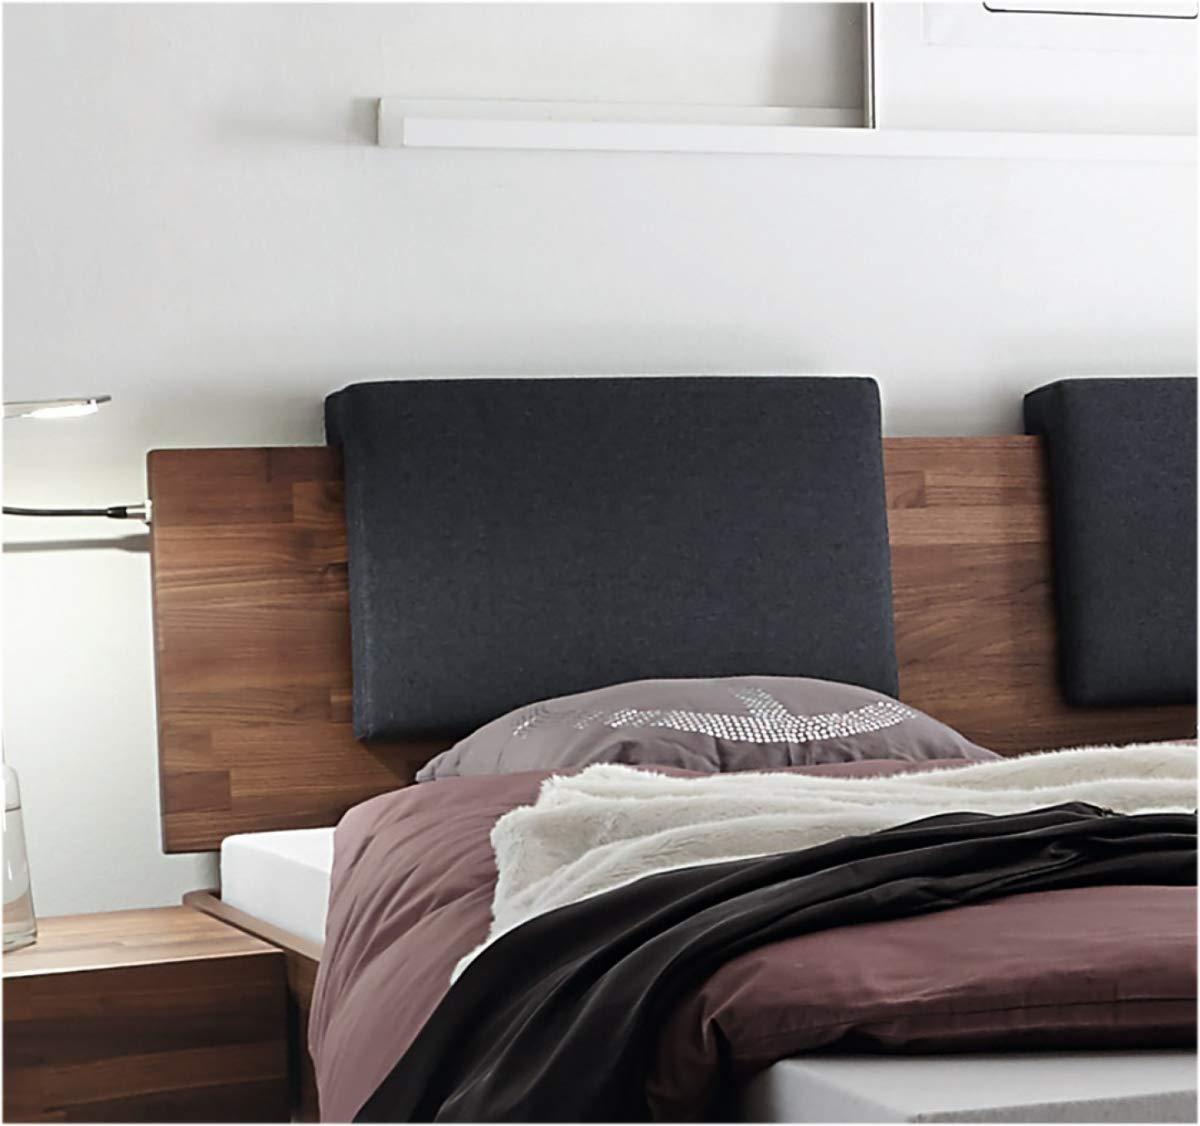 Full Size of Stauraumbett 200x200 Bett Komforthöhe Betten Weiß Stauraum Mit Bettkasten Wohnzimmer Stauraumbett 200x200